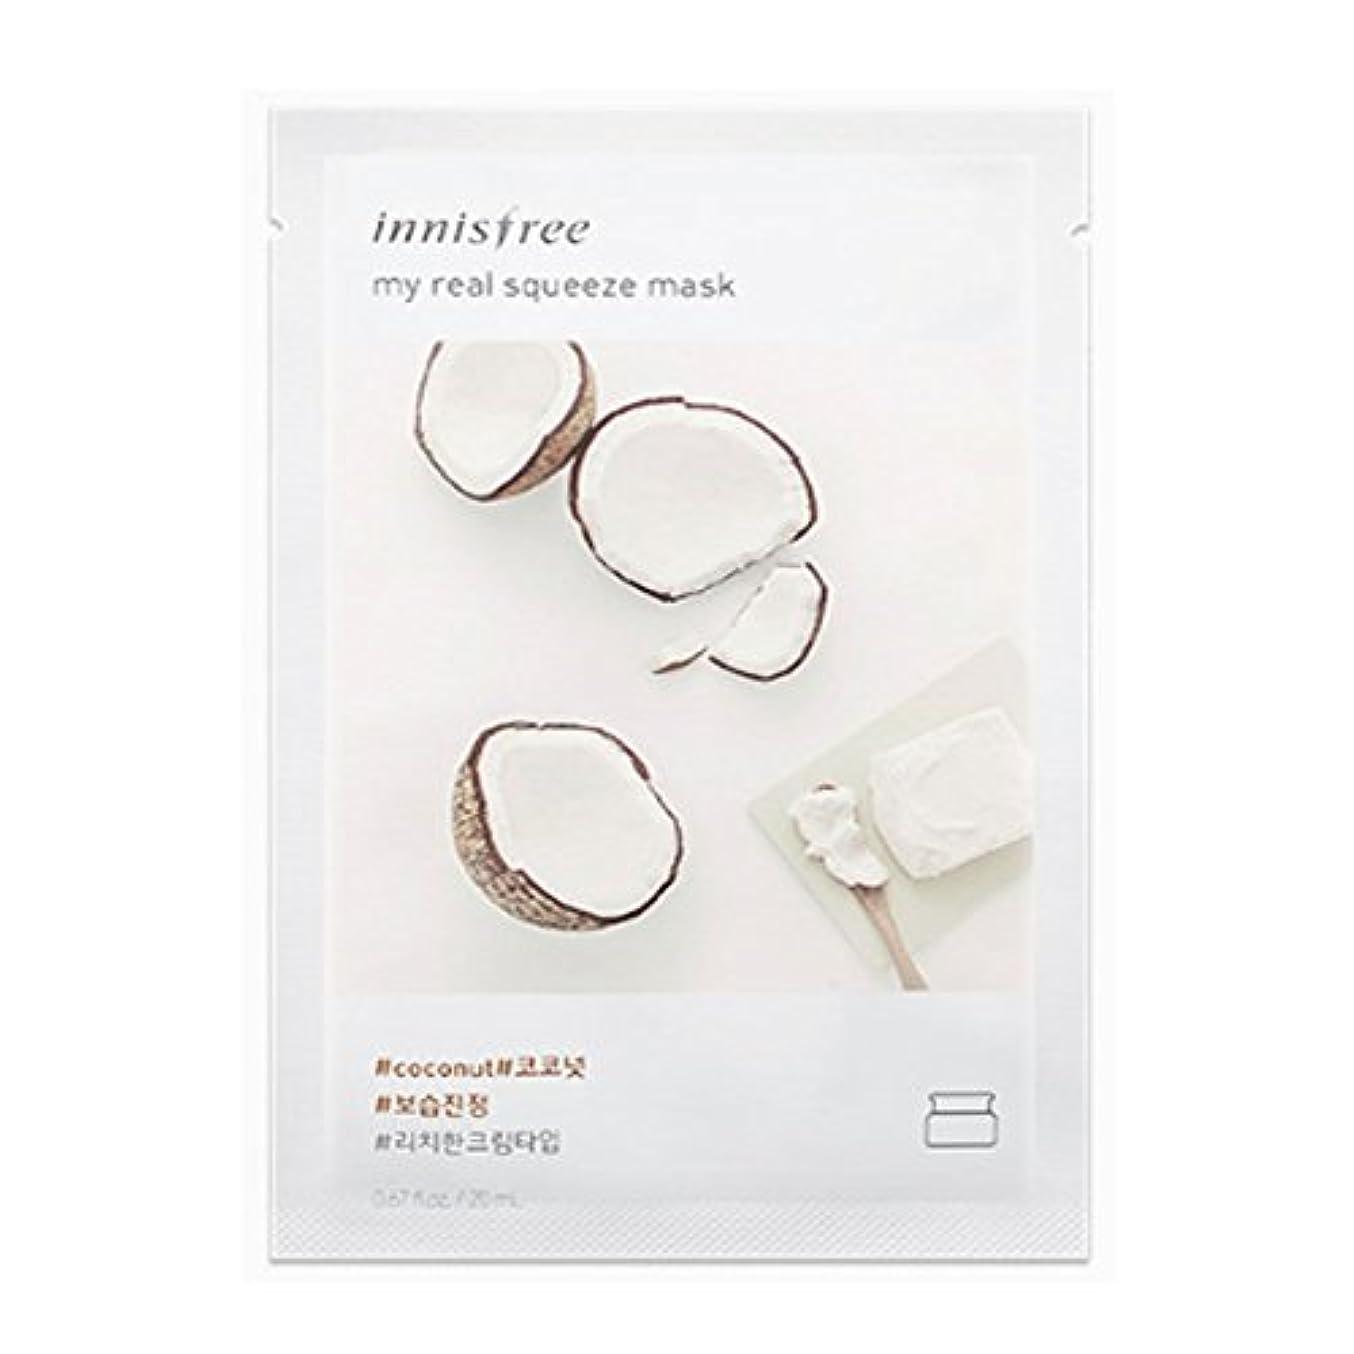 サーカス偶然熟読するイニスフリーダブルフィットリフティングマスク17g + 19g Innisfree Double Fit Lifting Mask 17g+19g [海外直送品][並行輸入品] (#1-Elastic moisturizing)